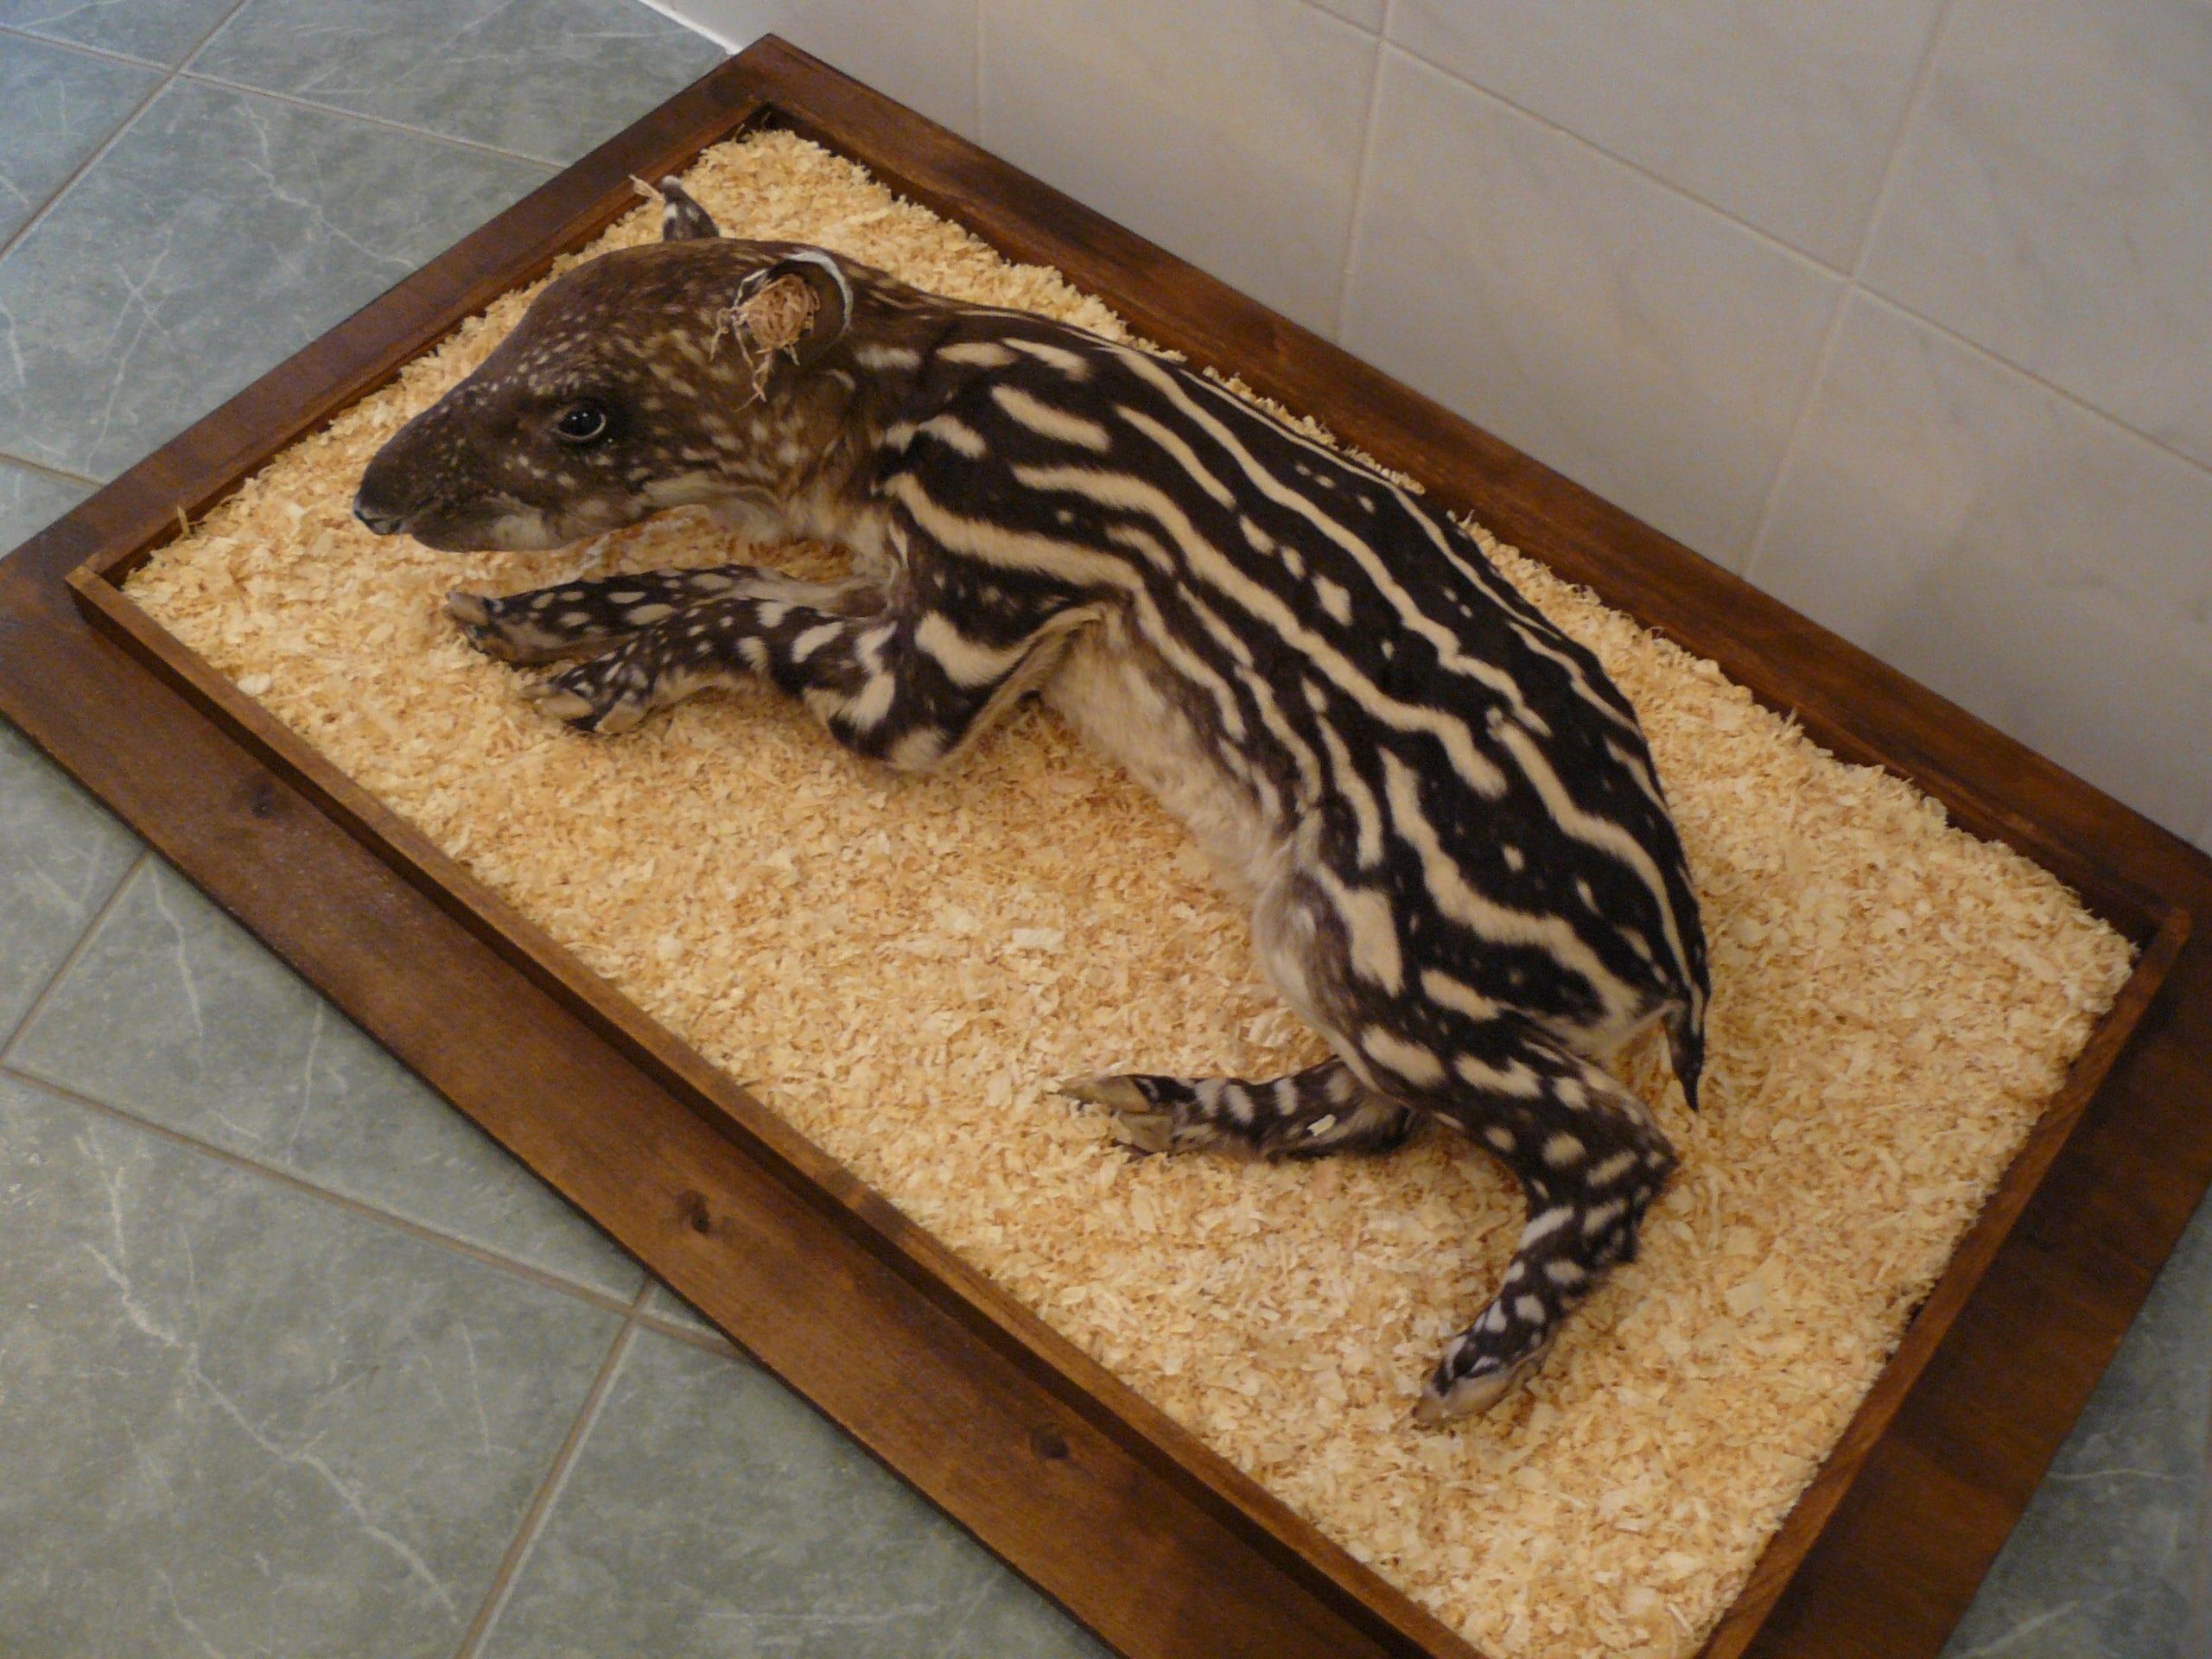 Huidpreparaten | Tapirjong | Gaia Zoo